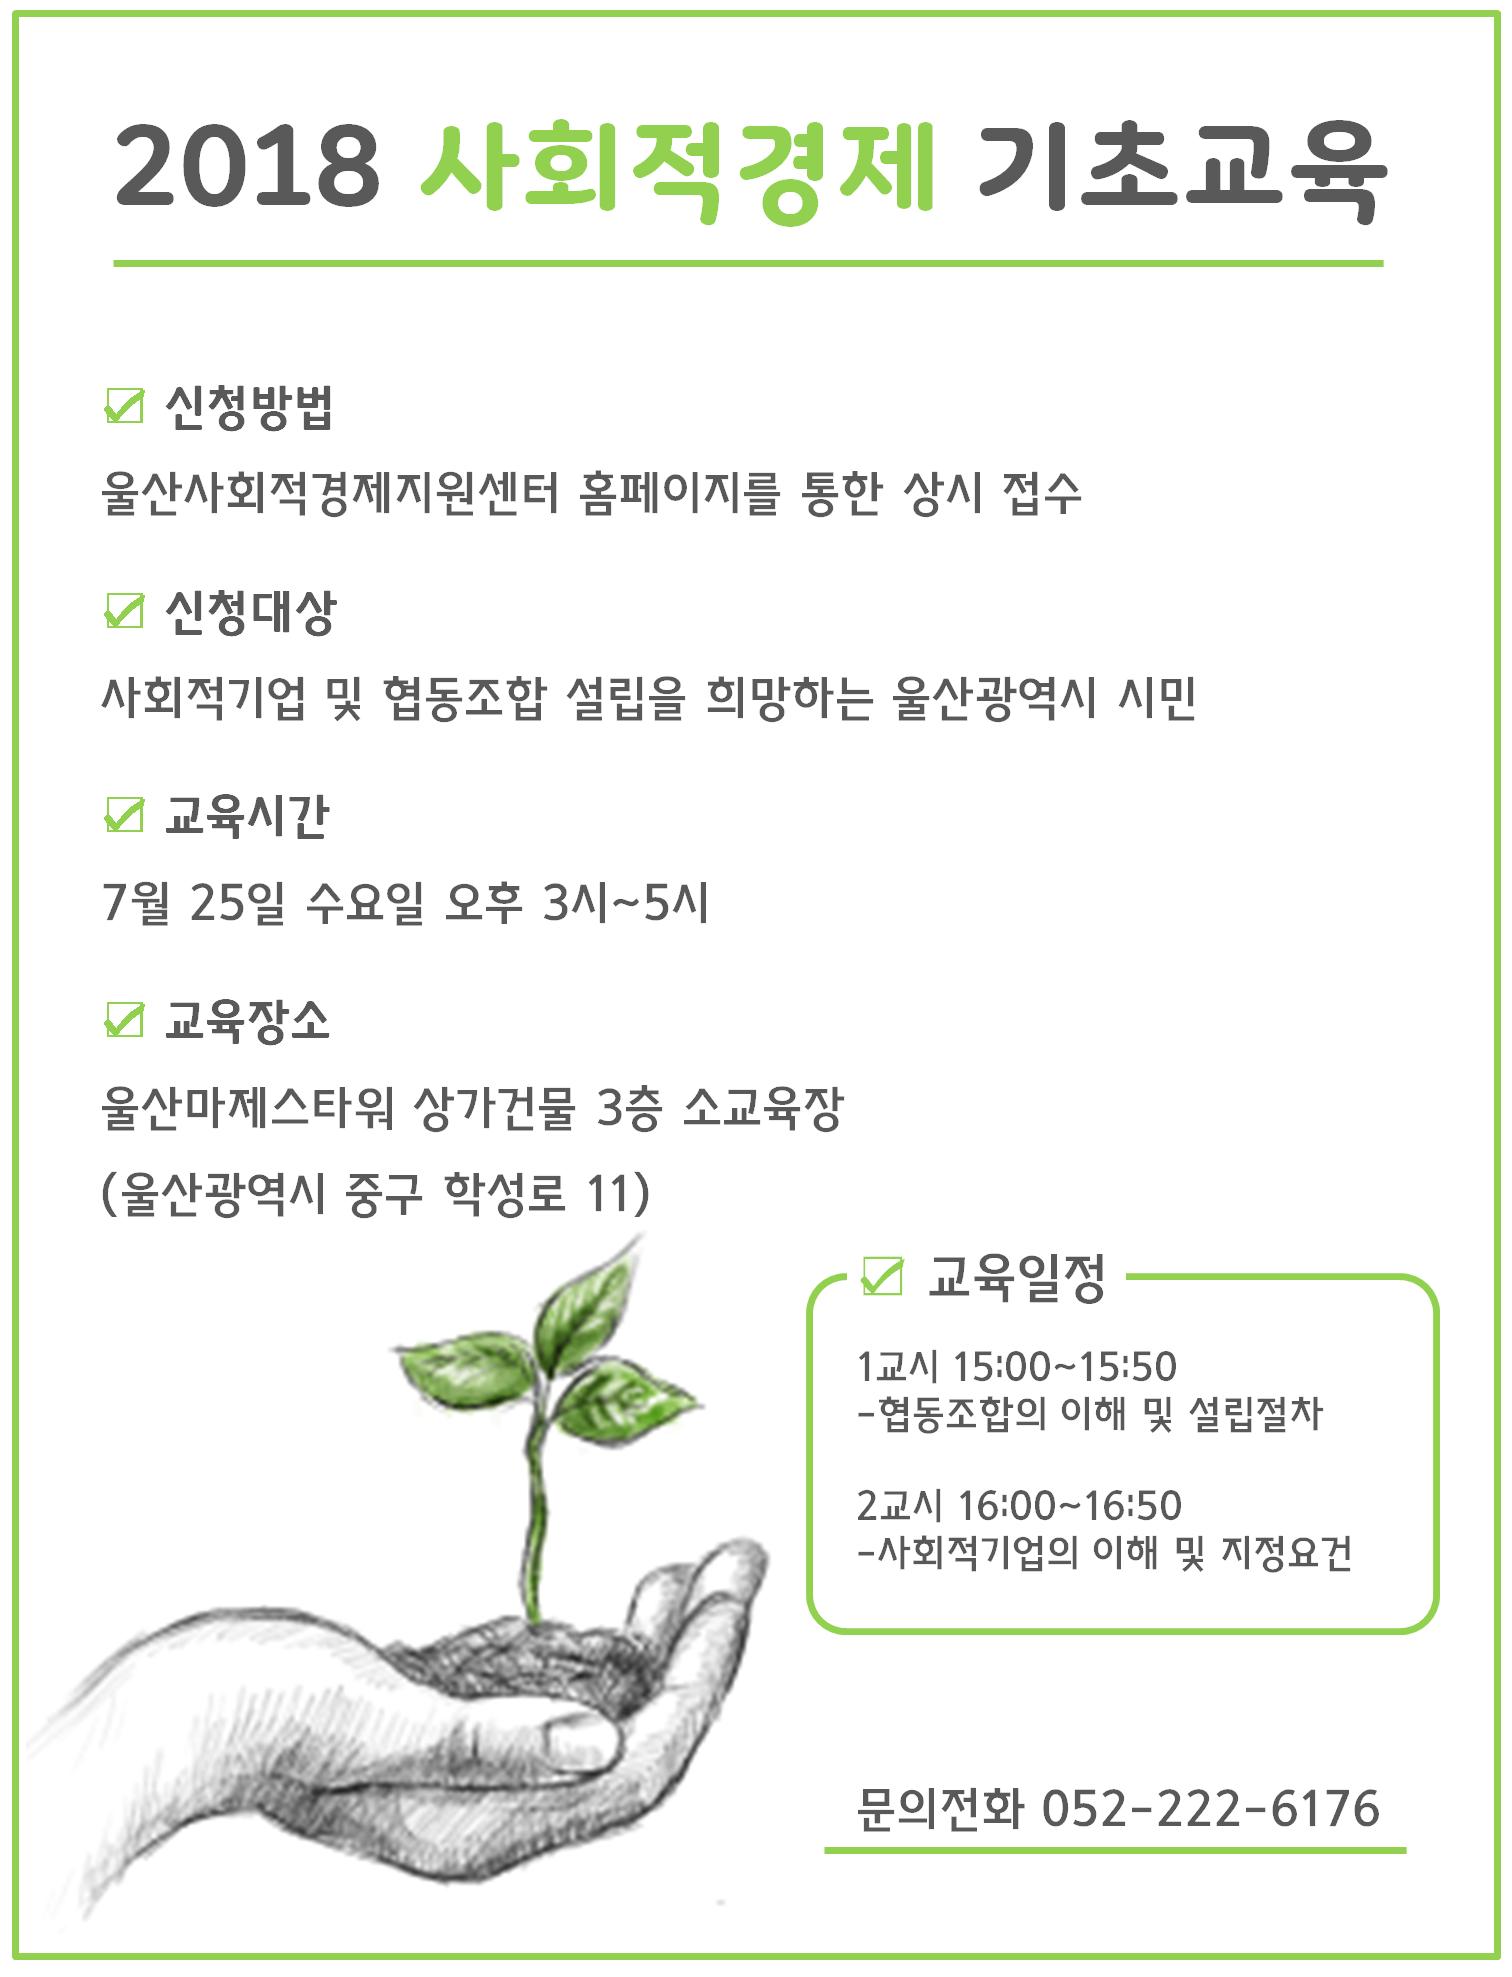 홍보이미지 7월.png